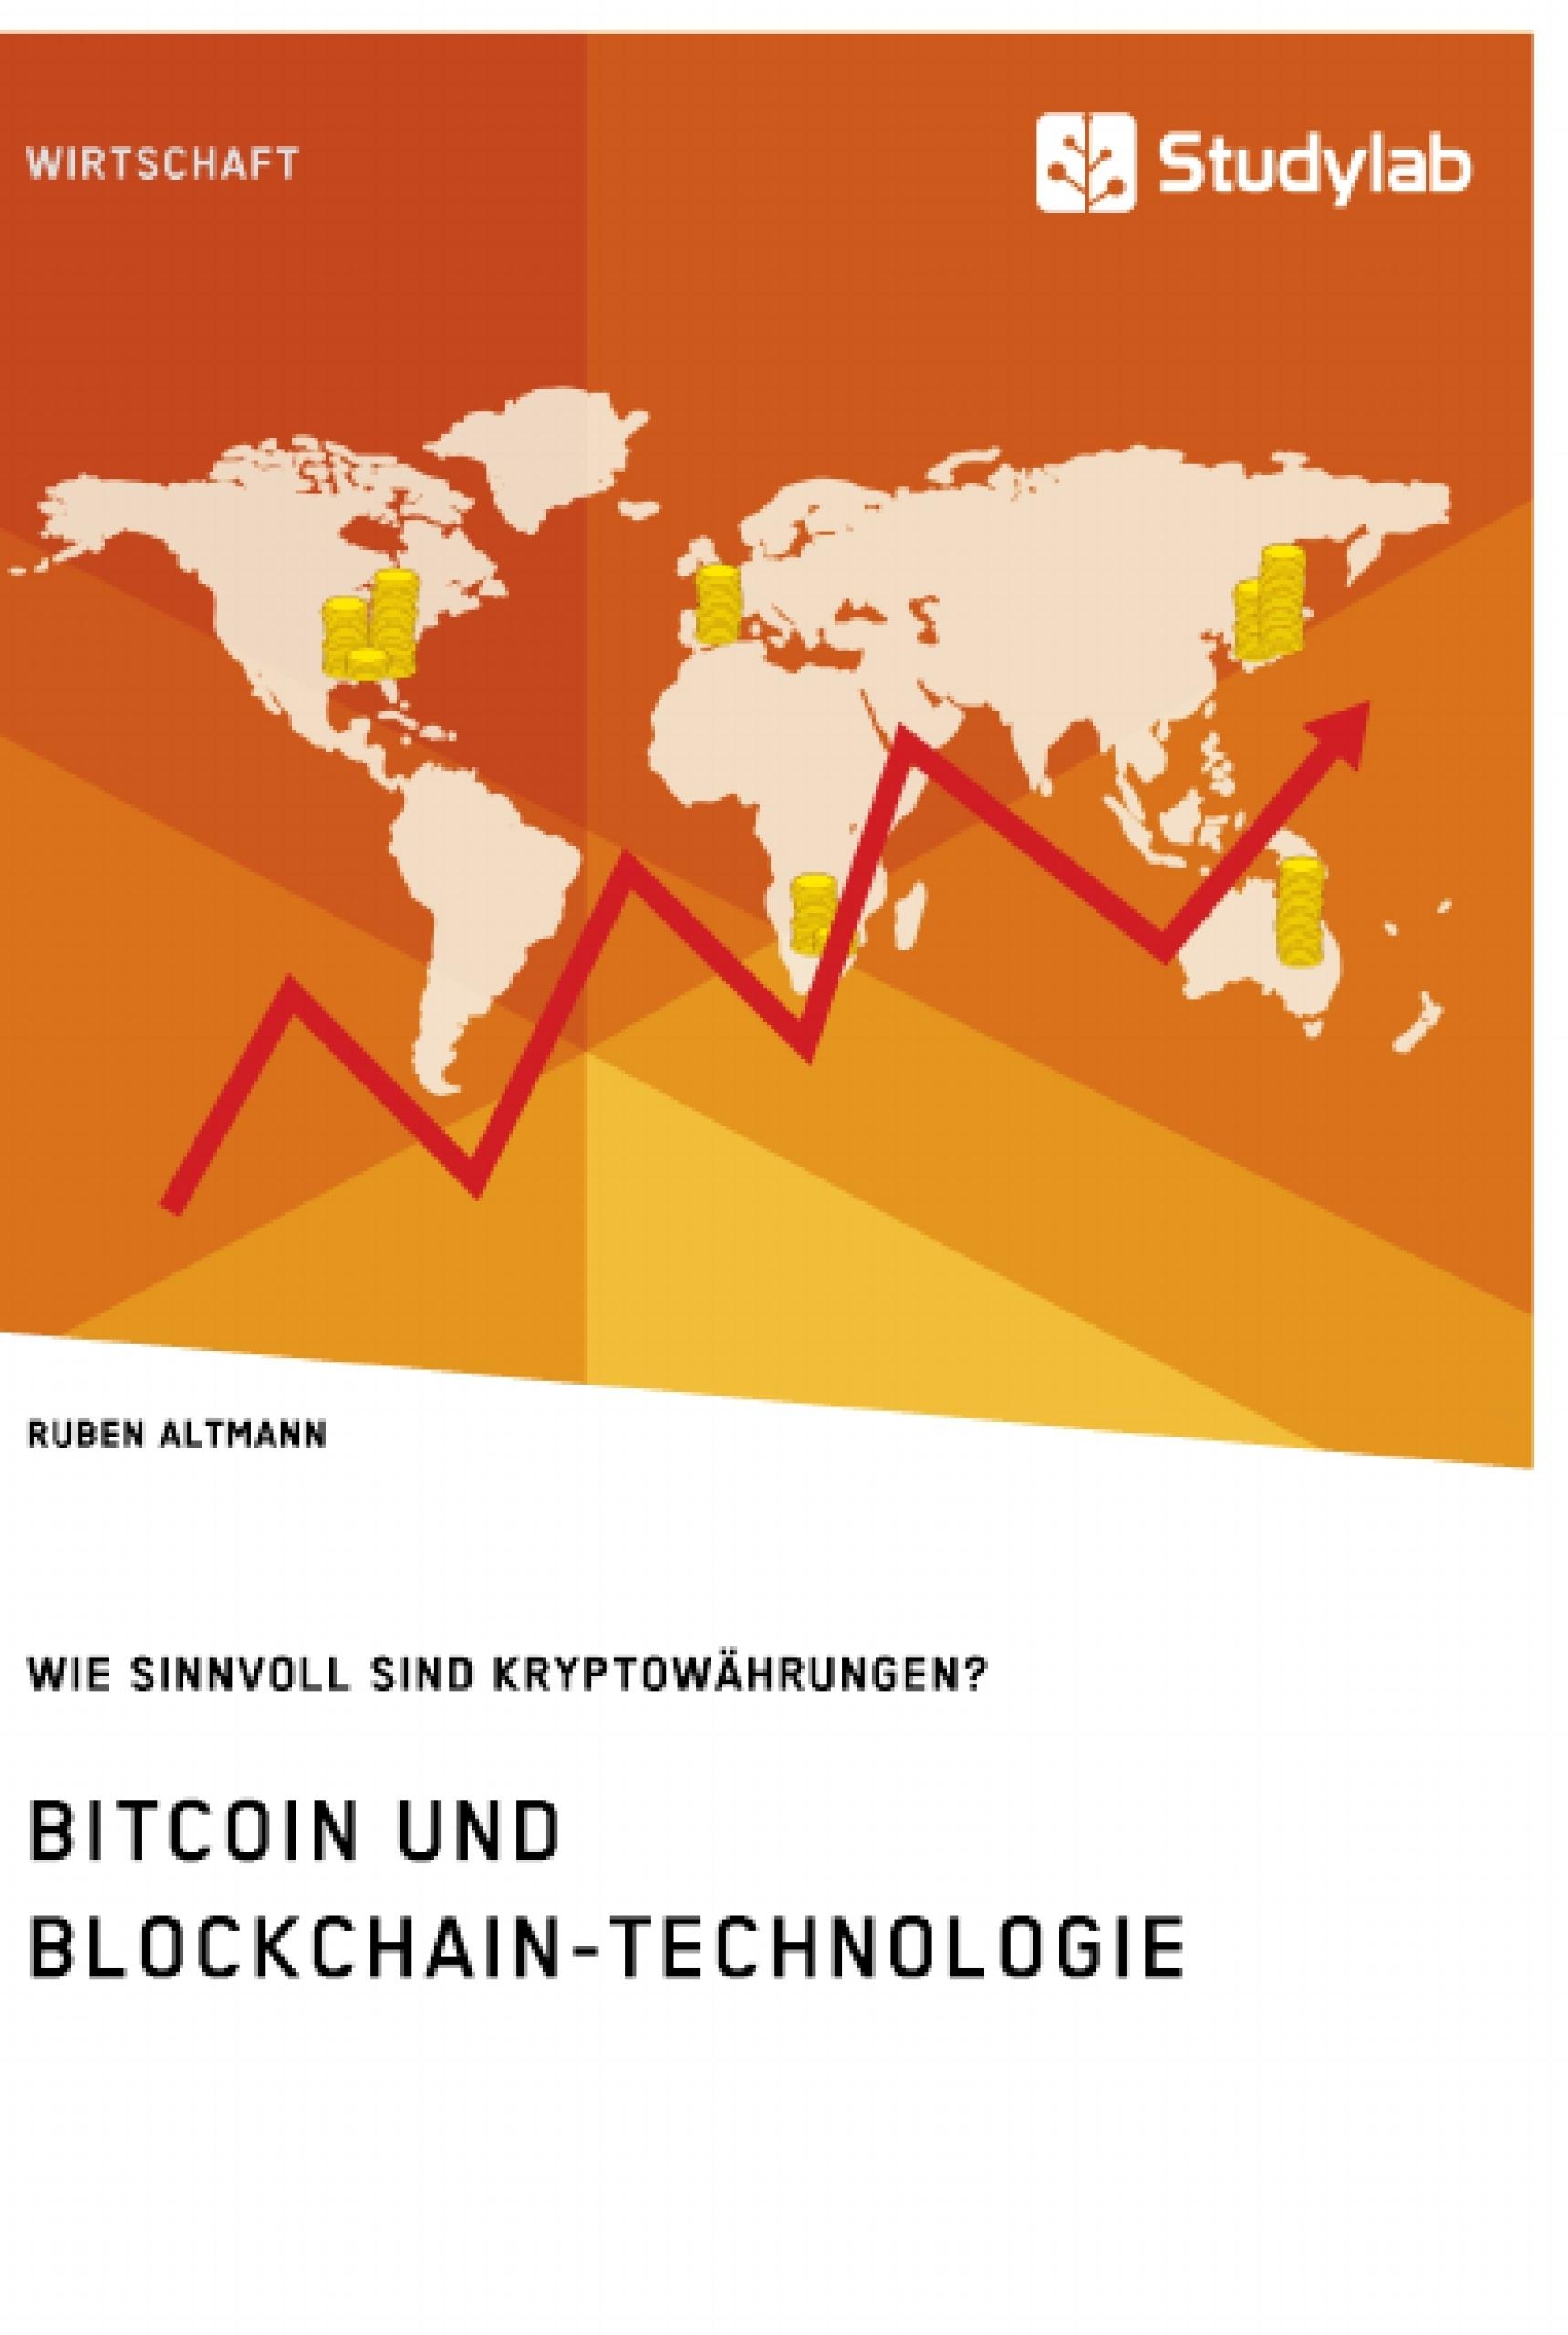 Titel: Bitcoin und Blockchain-Technologie. Wie sinnvoll sind Kryptowährungen?